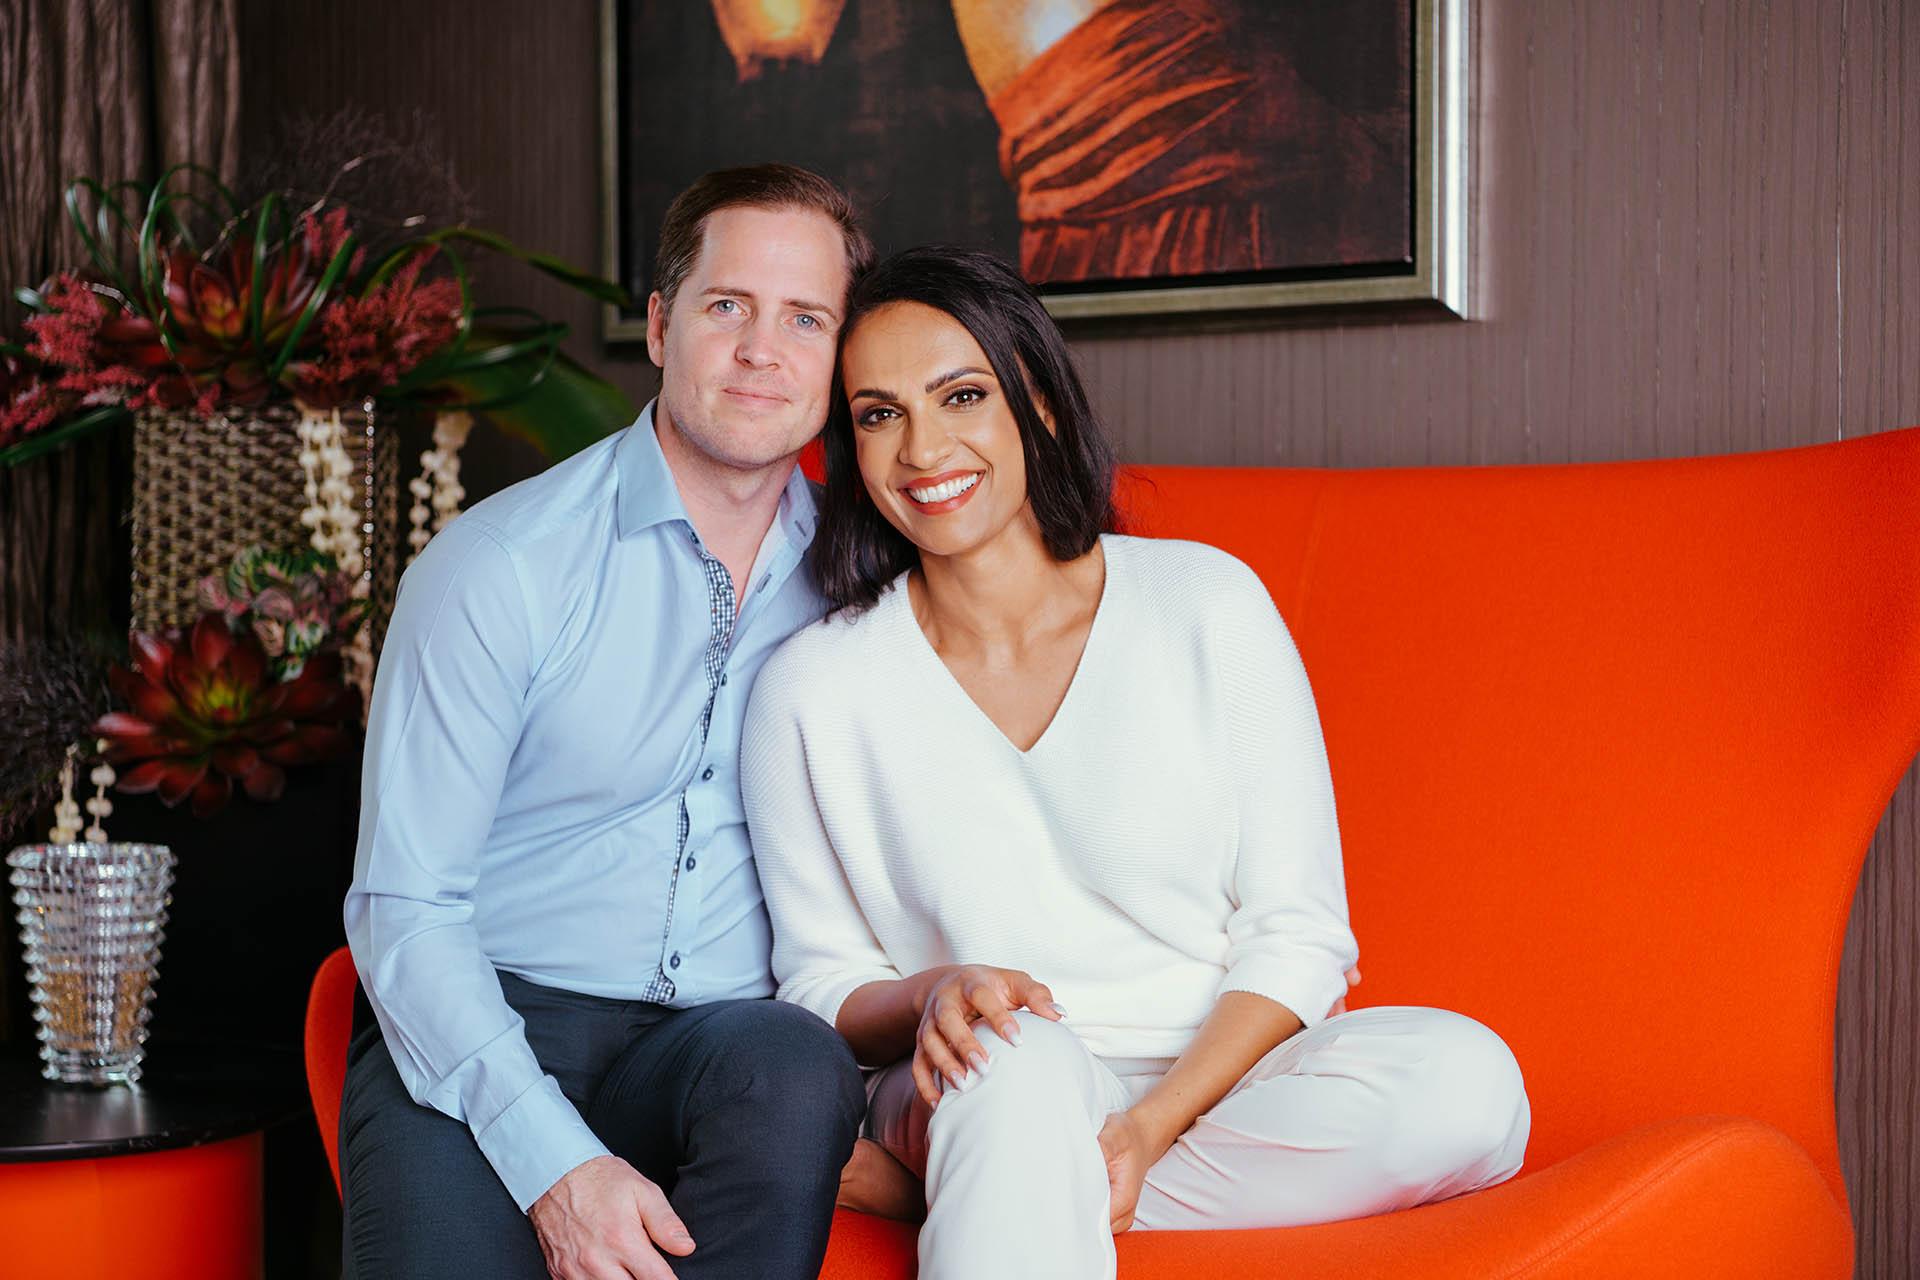 Natasha Rockstrom and husband